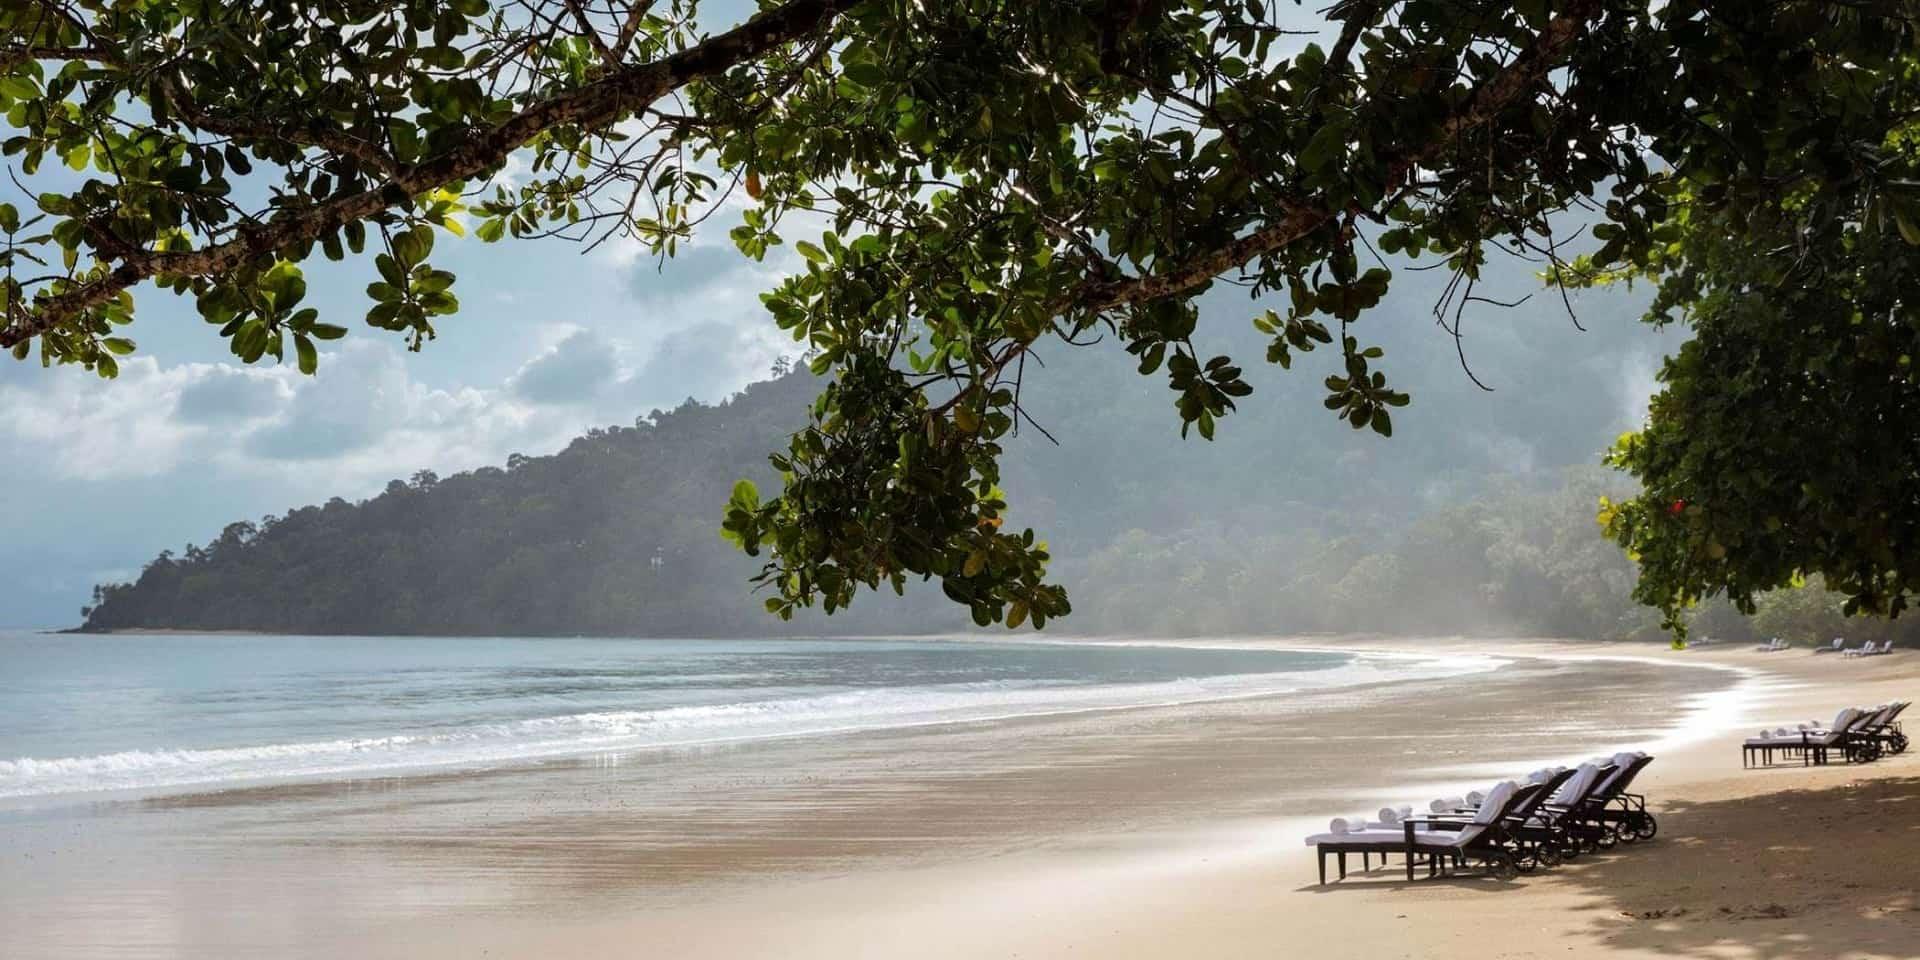 Тур в Малайзию. Лангкави. Пляж